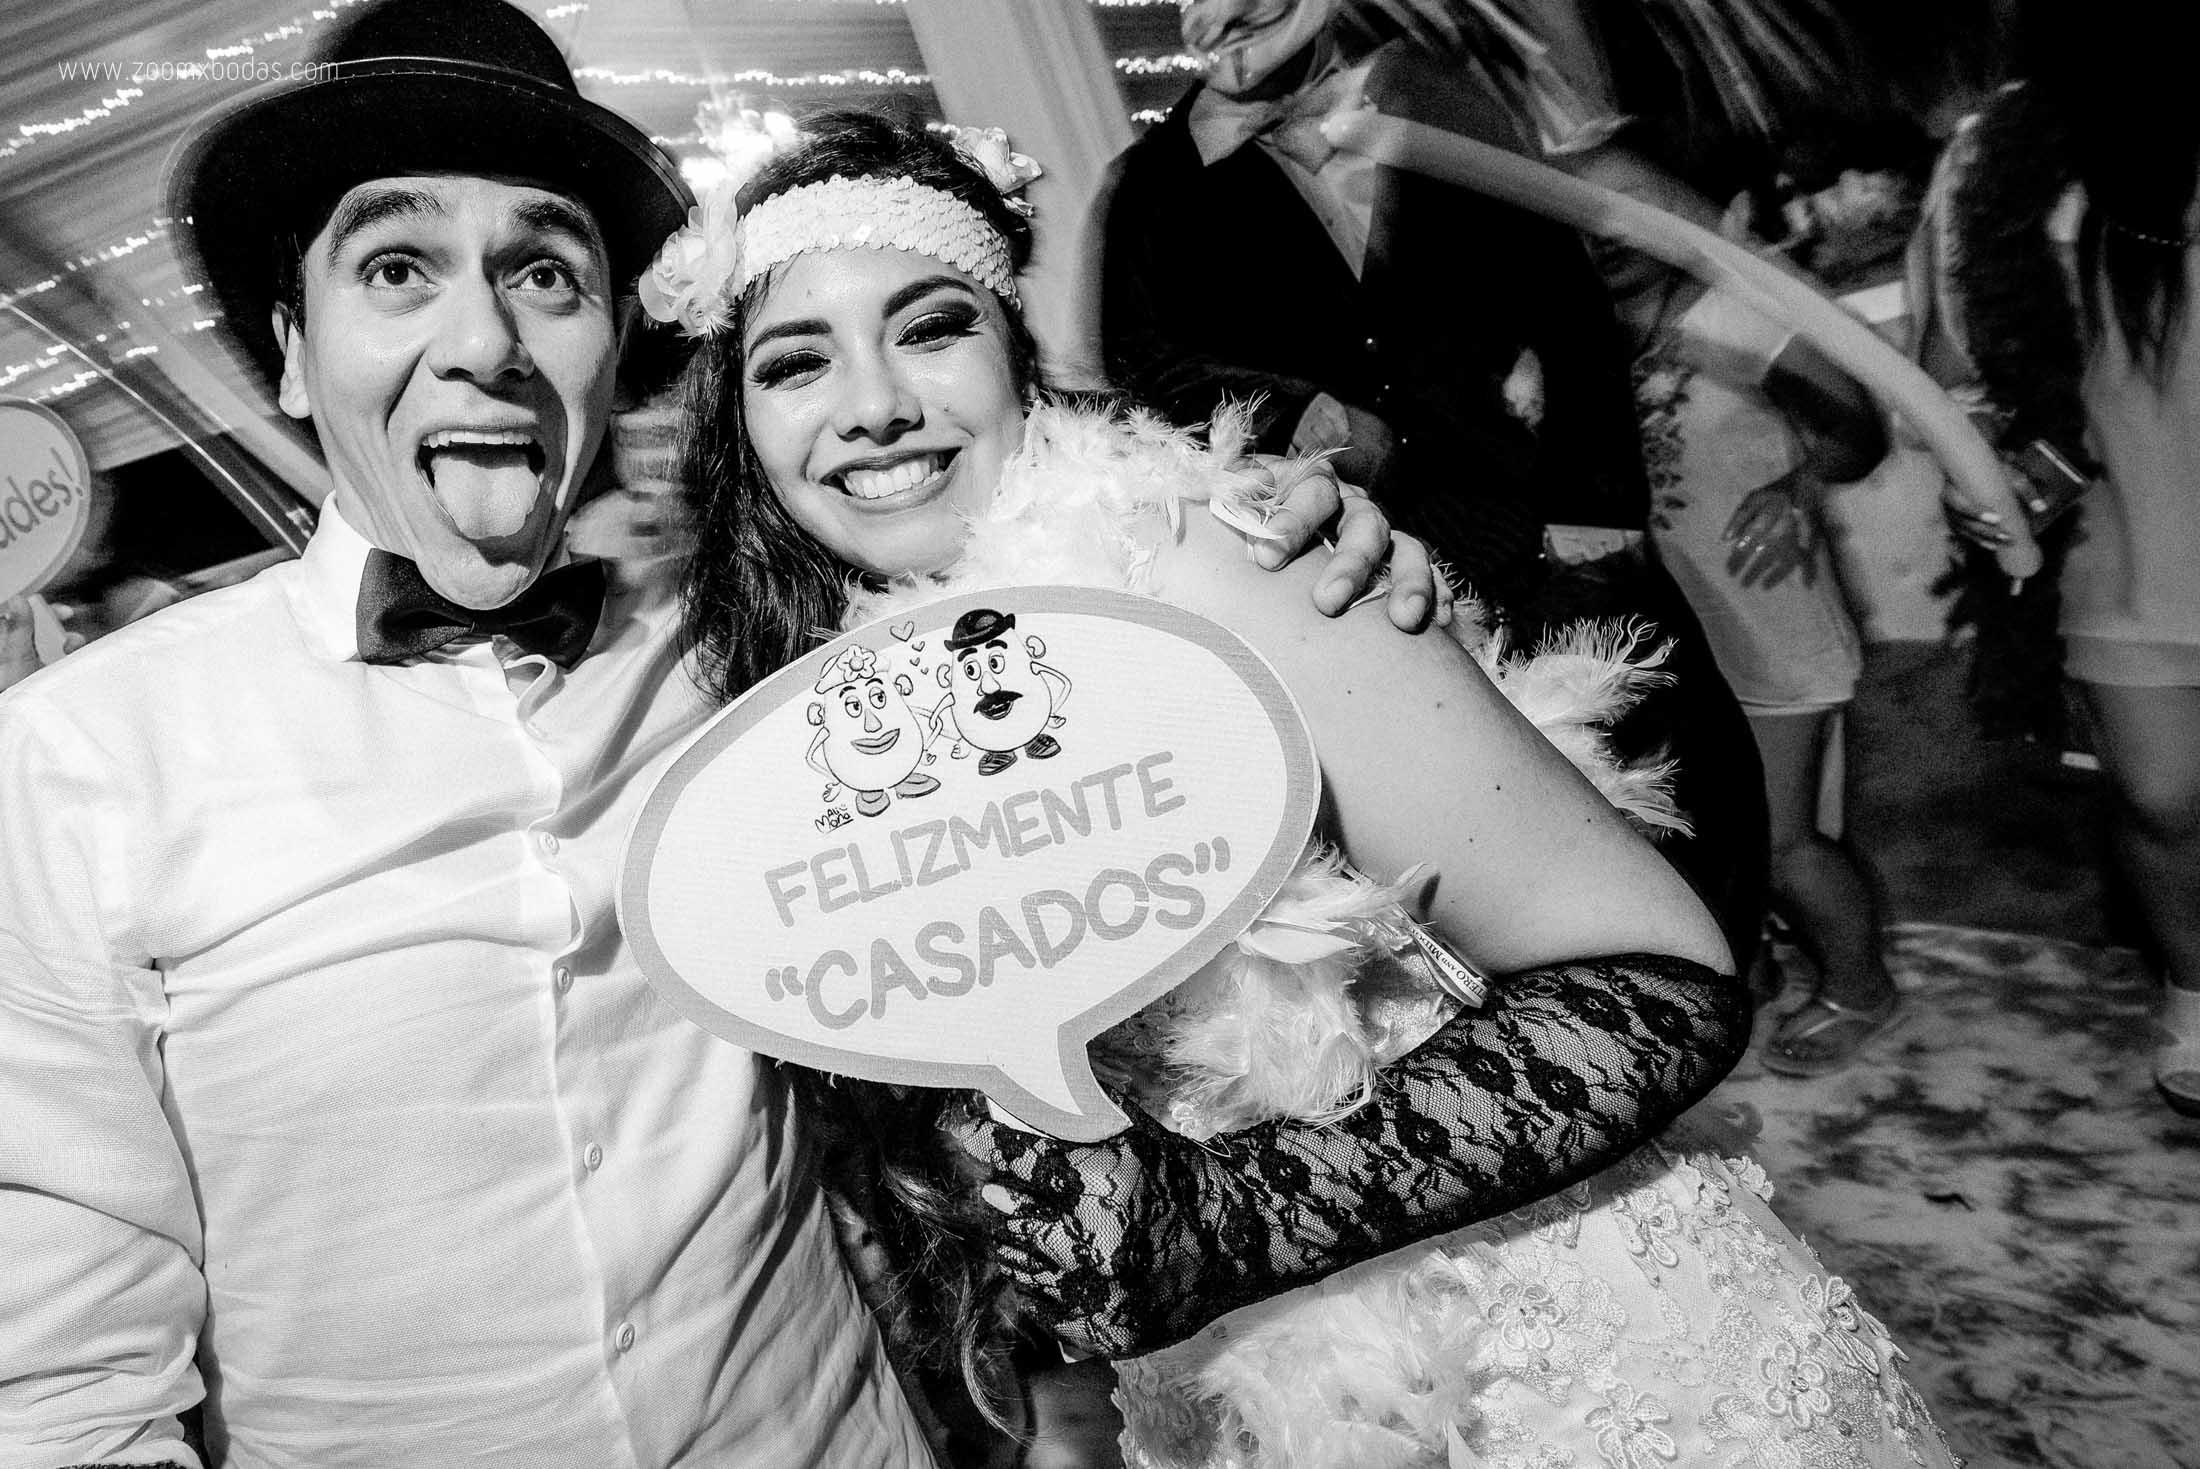 boda lya y walter en rocapulco mancora, fotografo de bodas en mancora, fotografo de bodas en piura, fotografia profesional, boda en playa, zoomx studio, erick ruiz